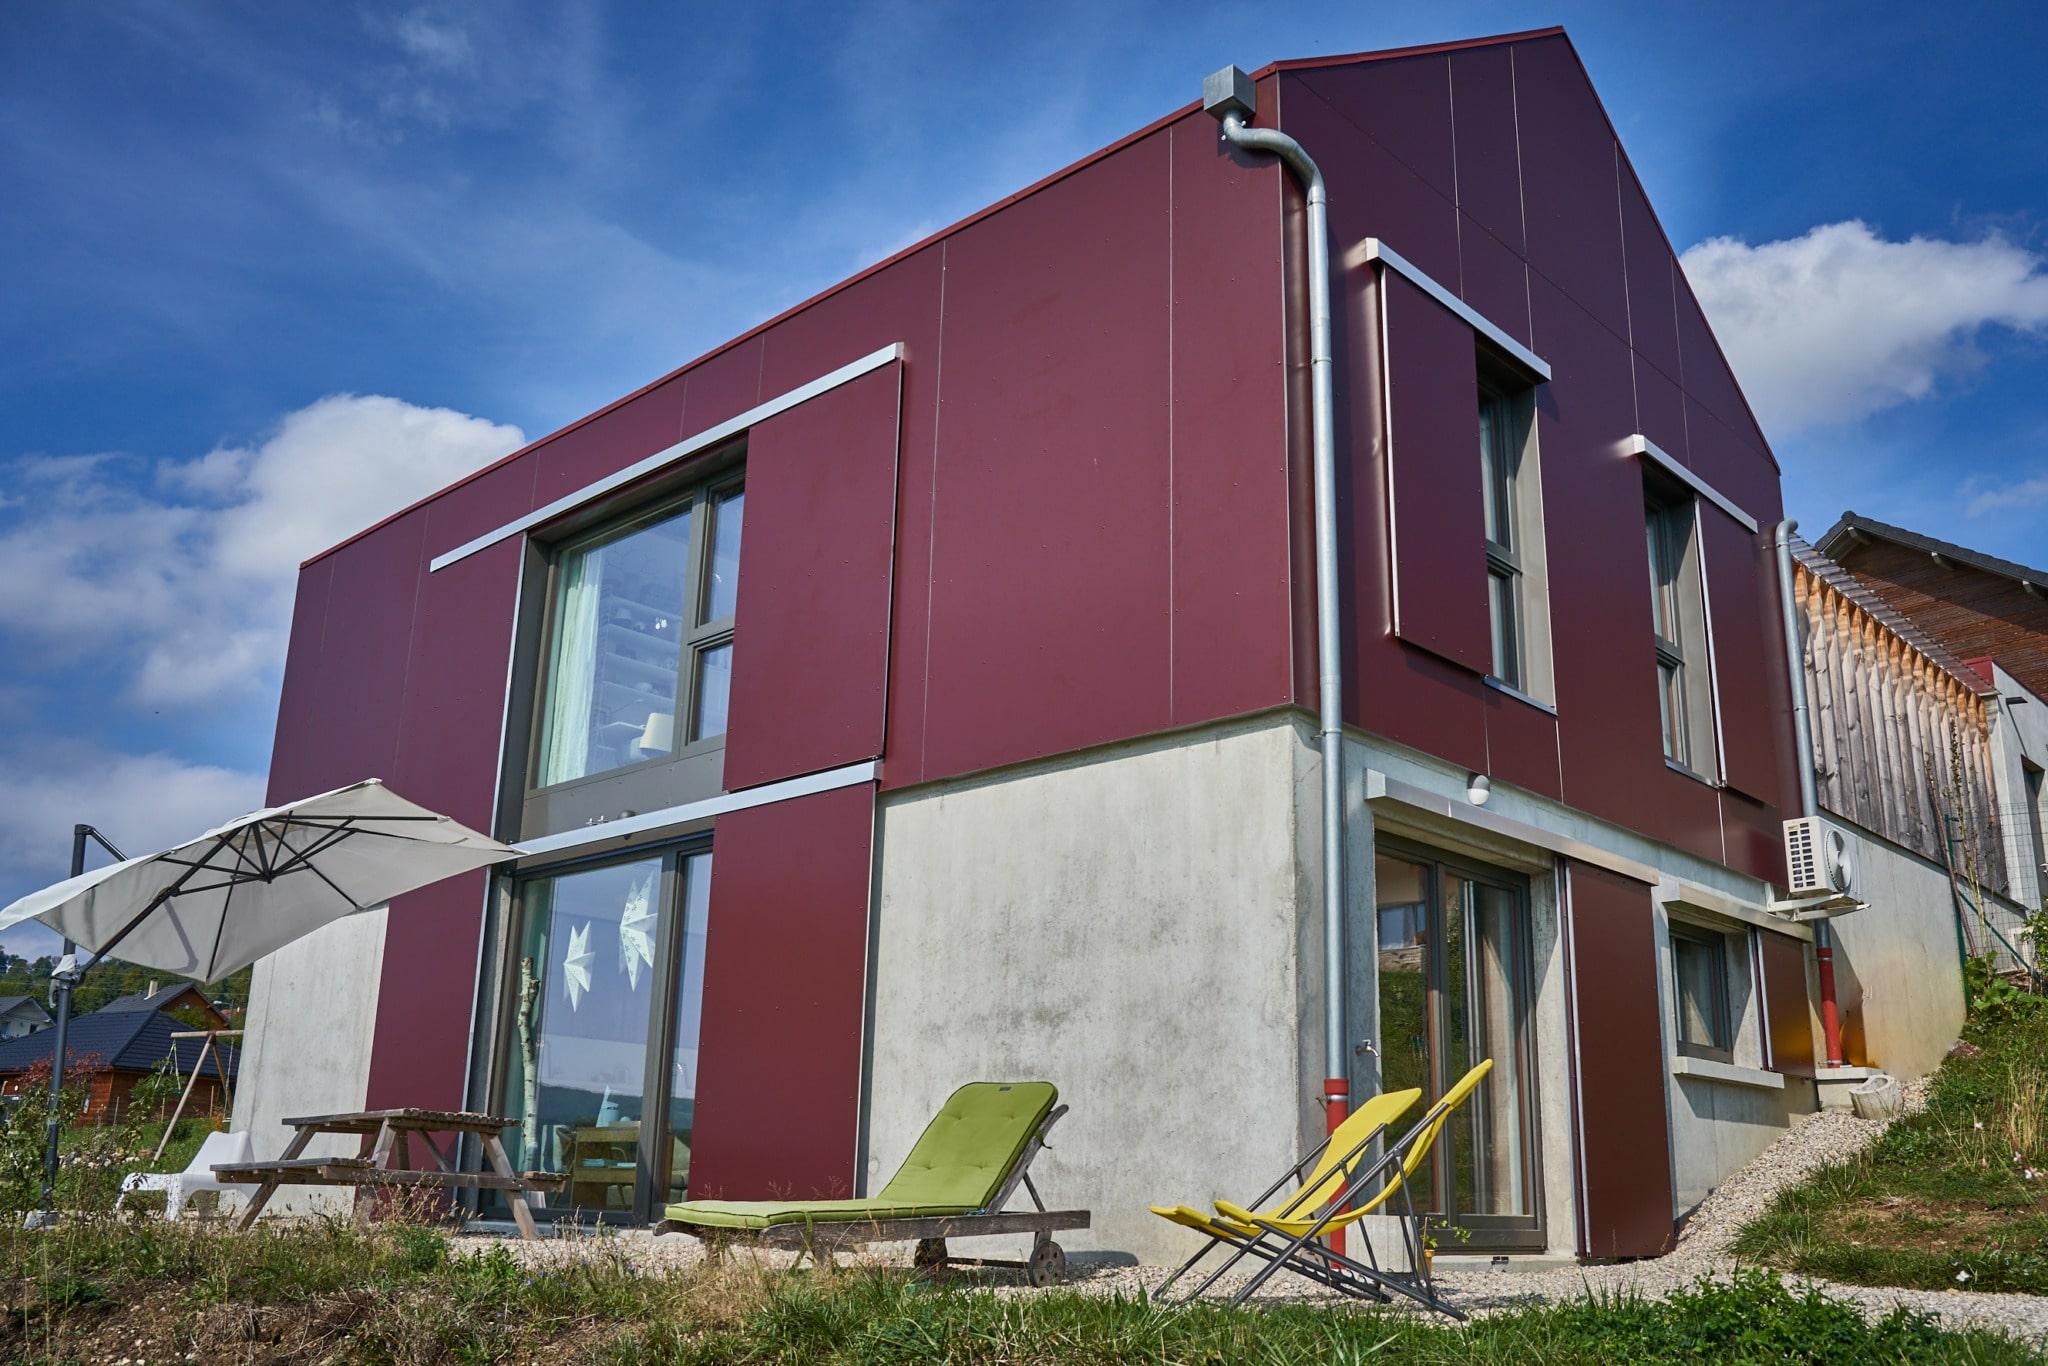 Maison bois, maison d'architecte